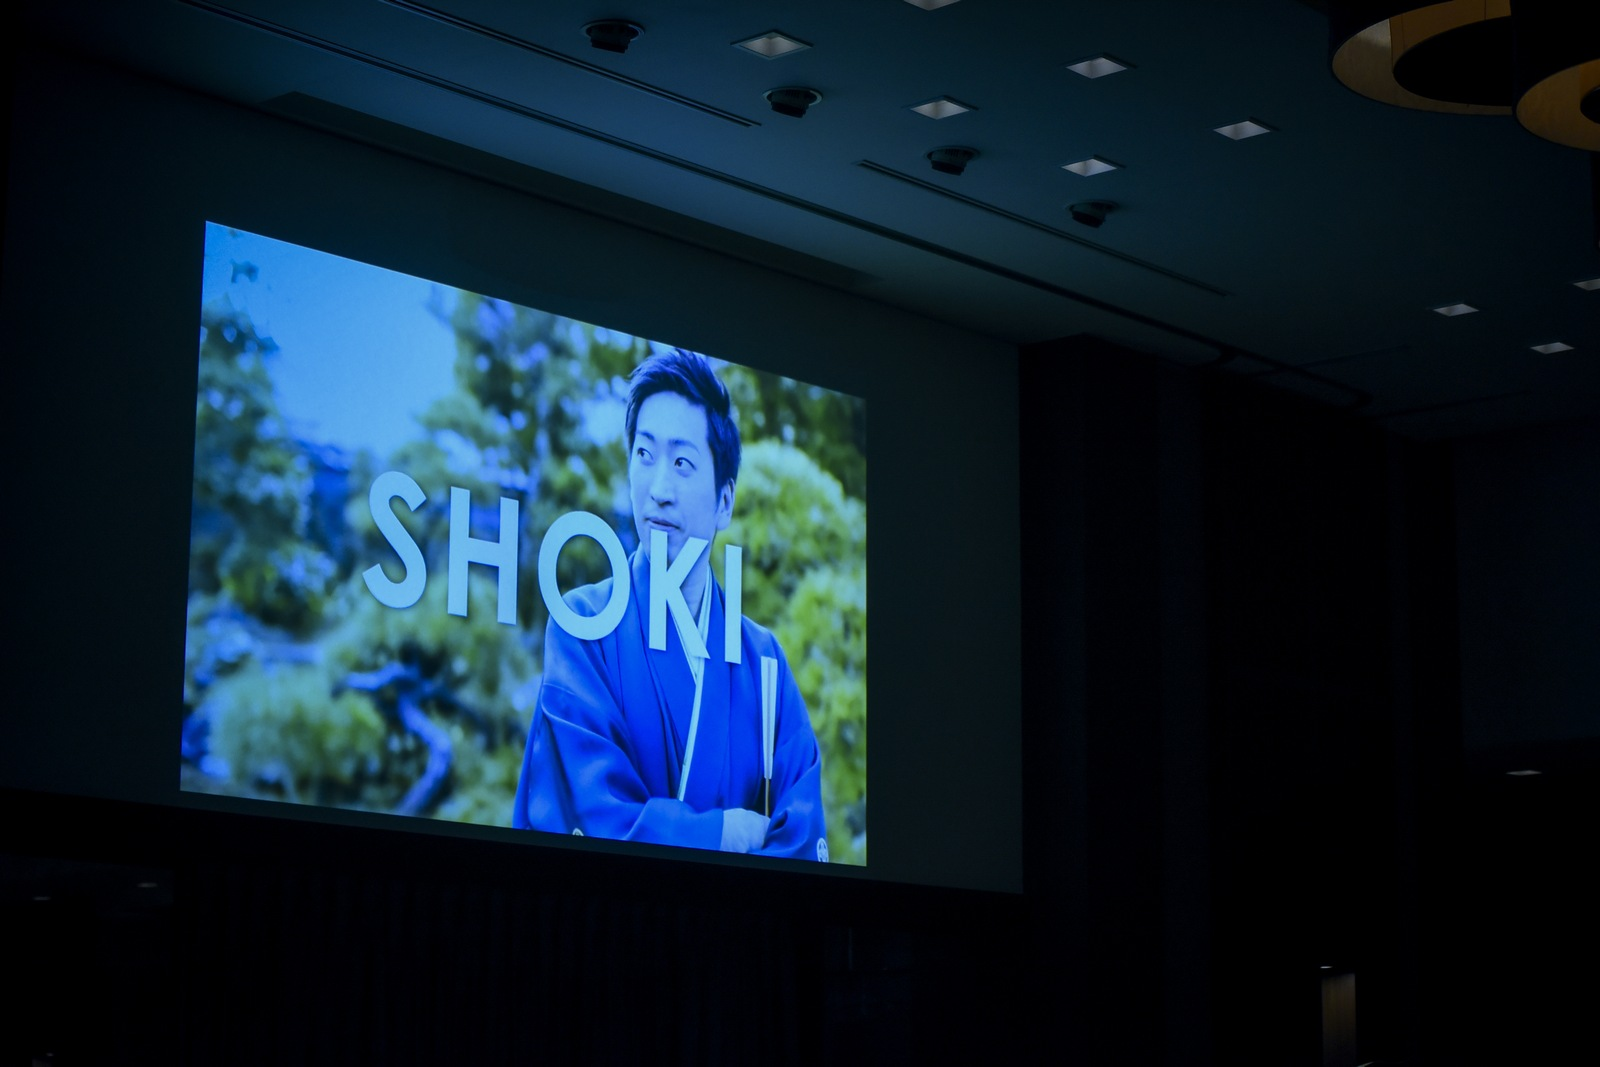 徳島市の結婚式場ブランアンジュで披露宴のオープン前のDVD演出